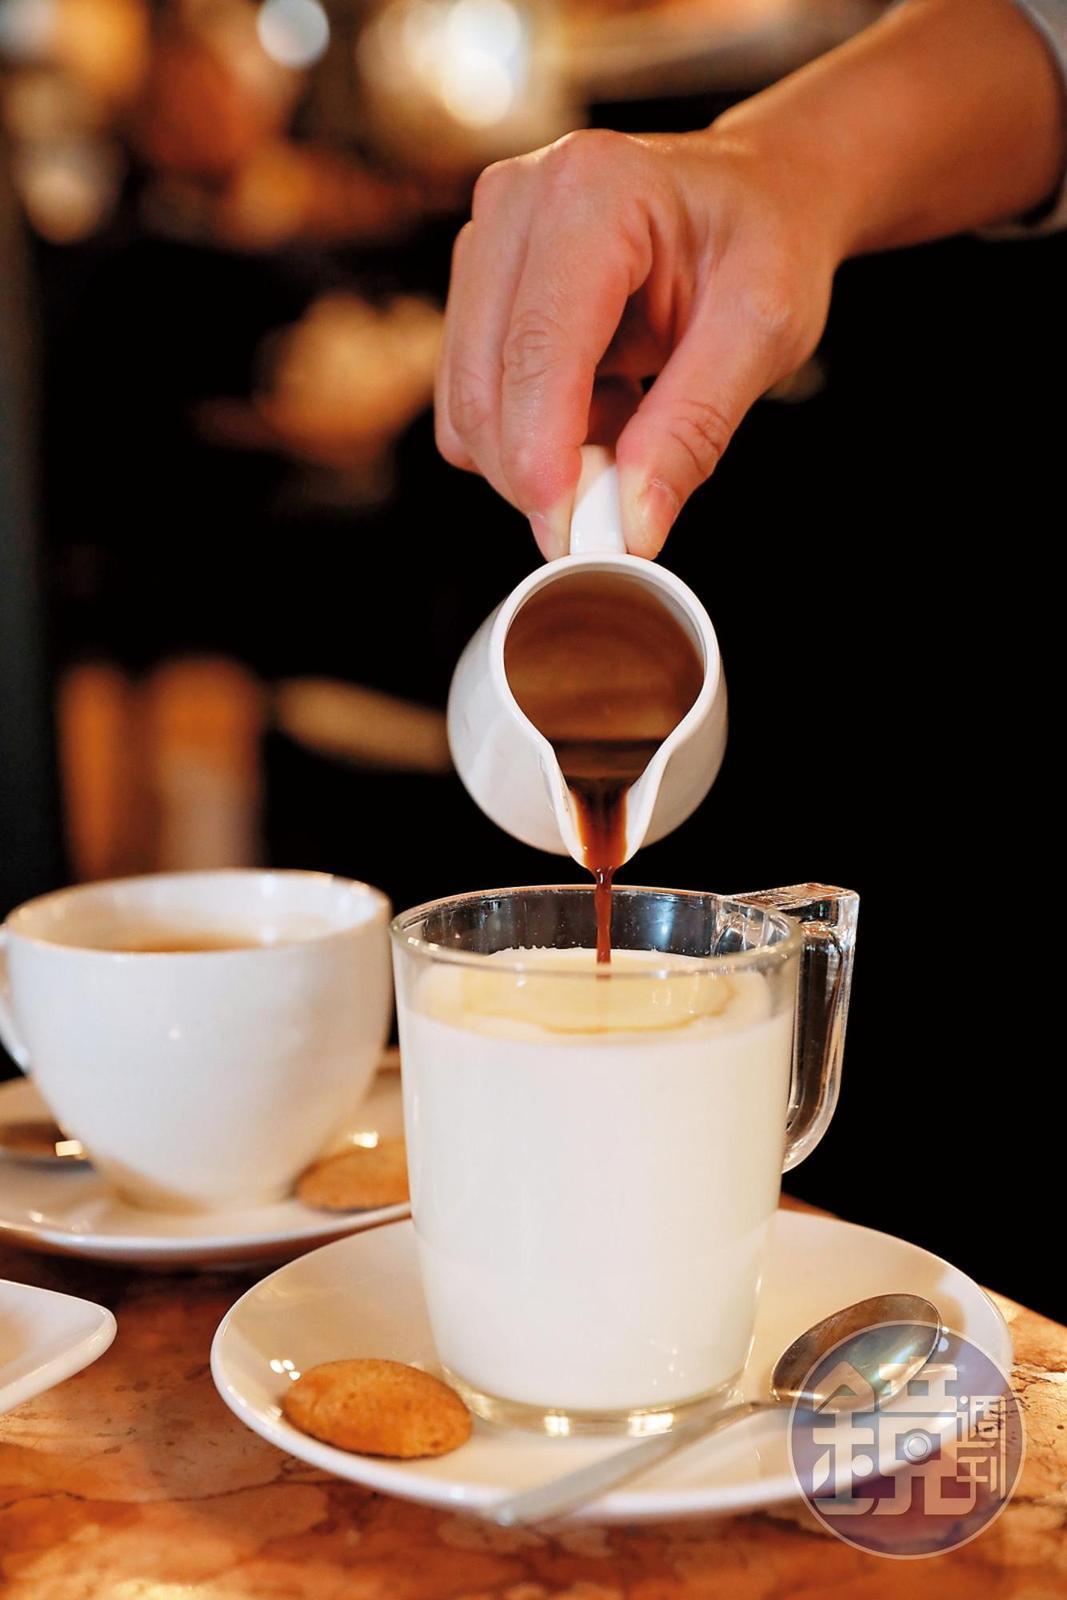 抗拒咖啡因又想試試味道的人,可以點杯「冰拿鐵」。(2.3歐元/杯,約NT$82)